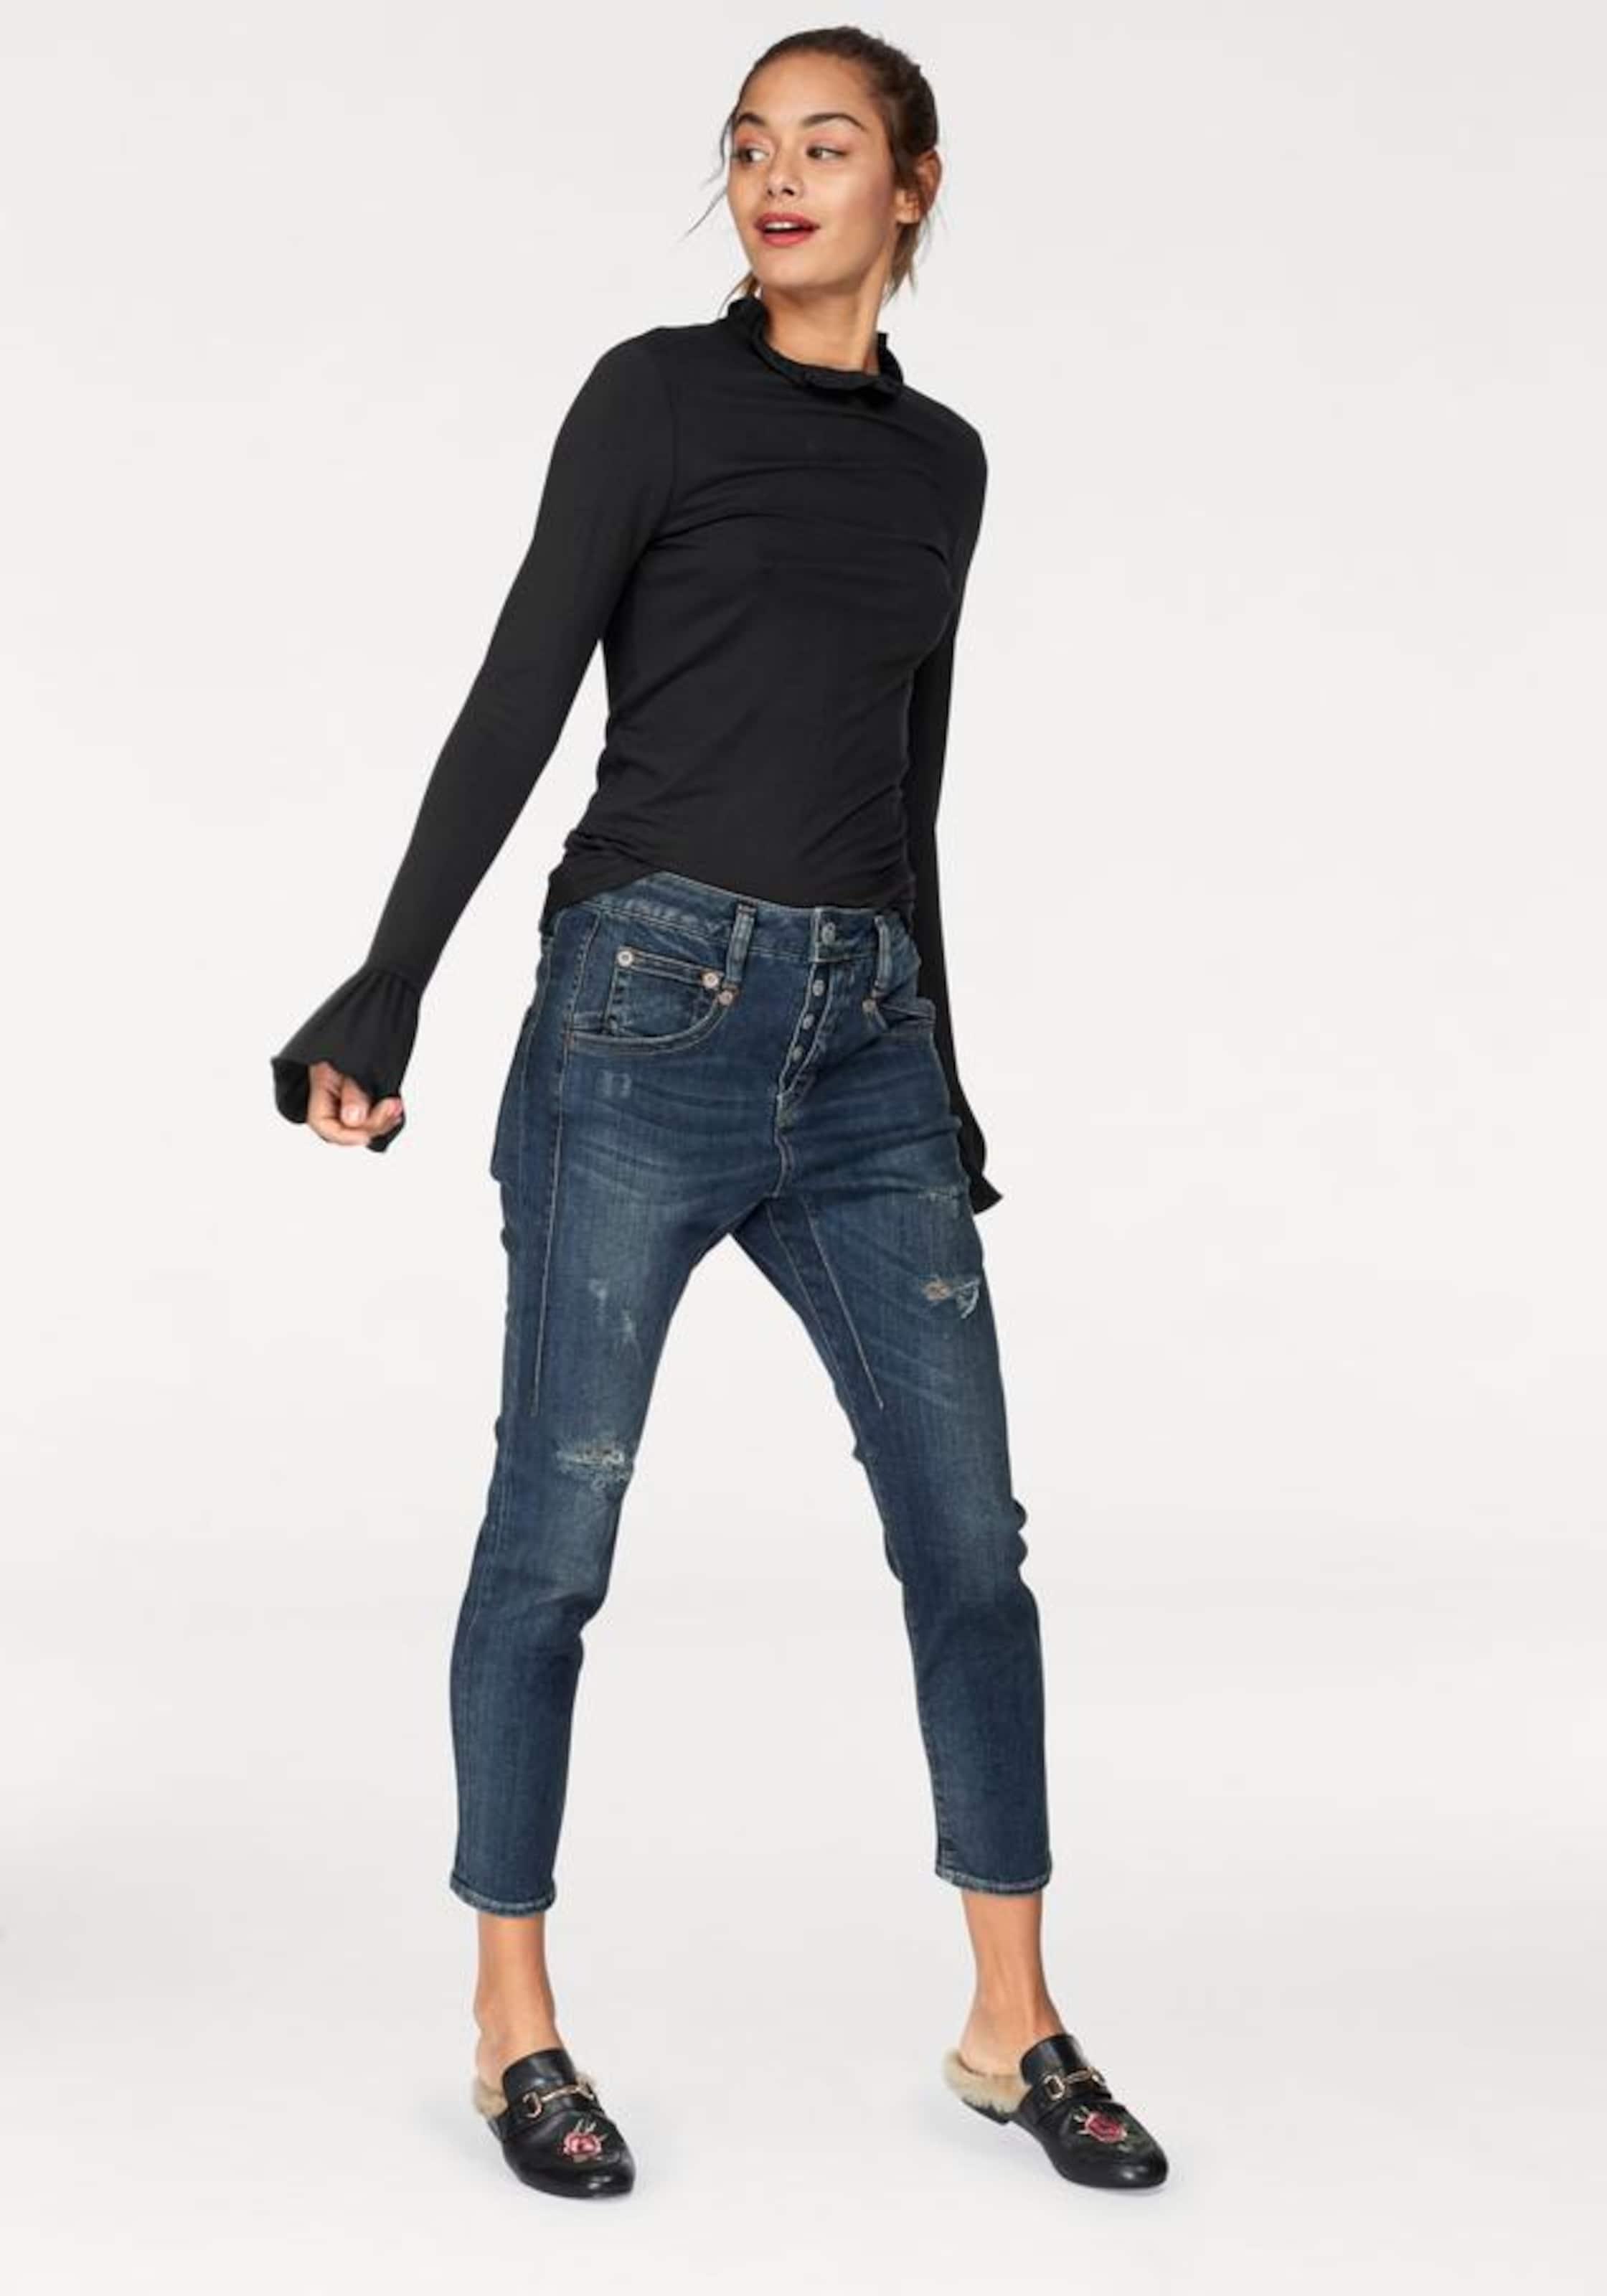 Herrlicher 'Shyra Cropped' Jeans in 3/4-Beinl盲nge